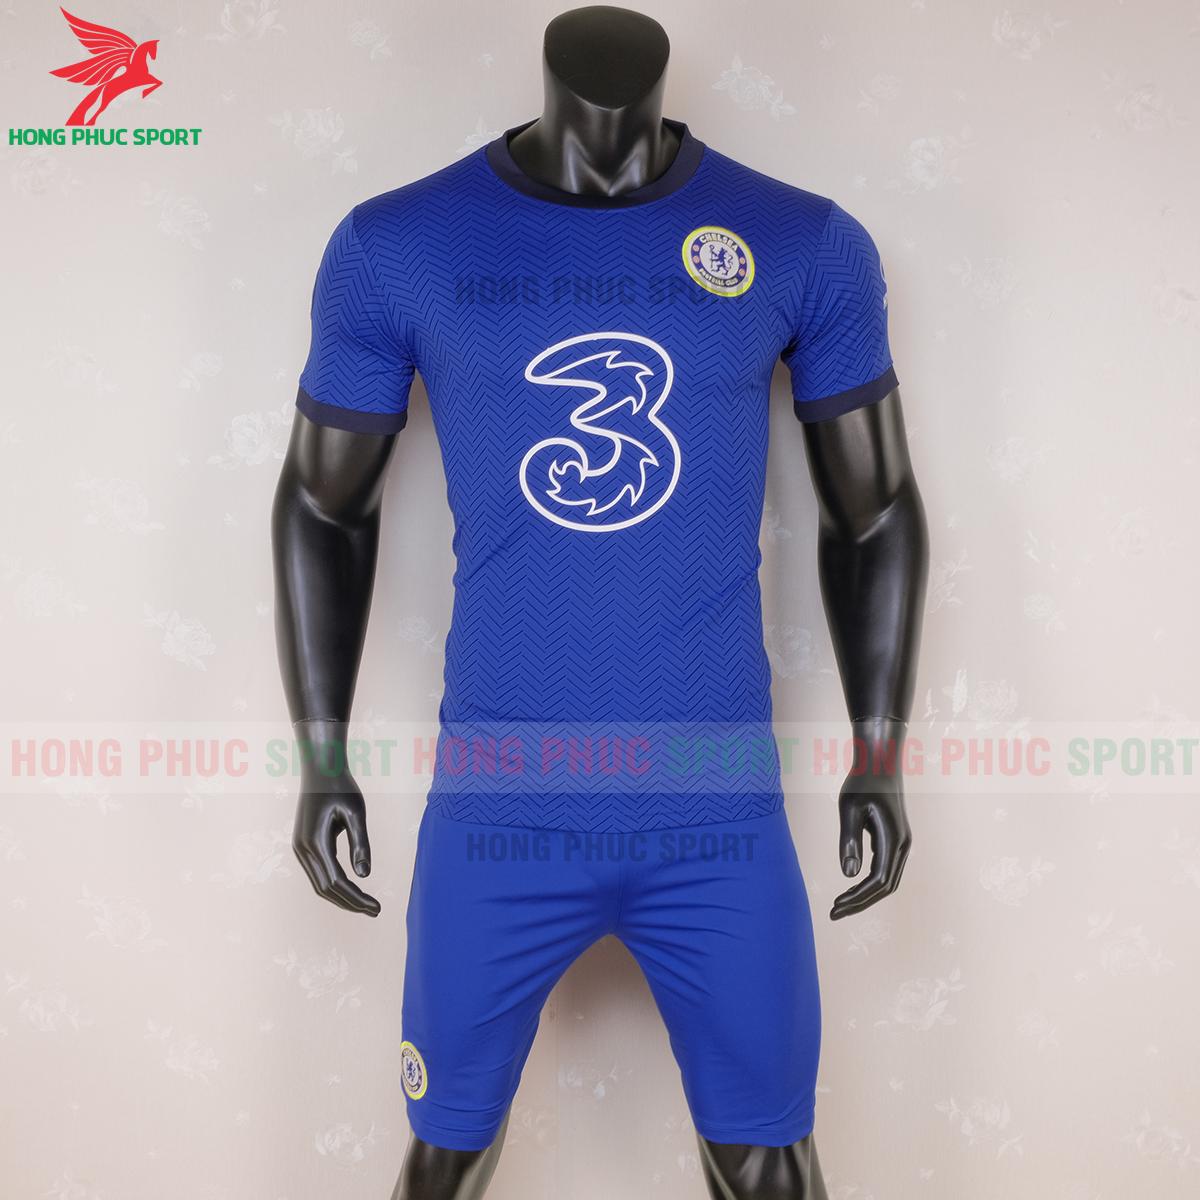 https://cdn.hongphucsport.com/unsafe/s4.shopbay.vn/files/285/ao-bong-da-chelsea-2020-2021-phien-ban-fan-mau-3-8-5f6c19b5c4e76.png